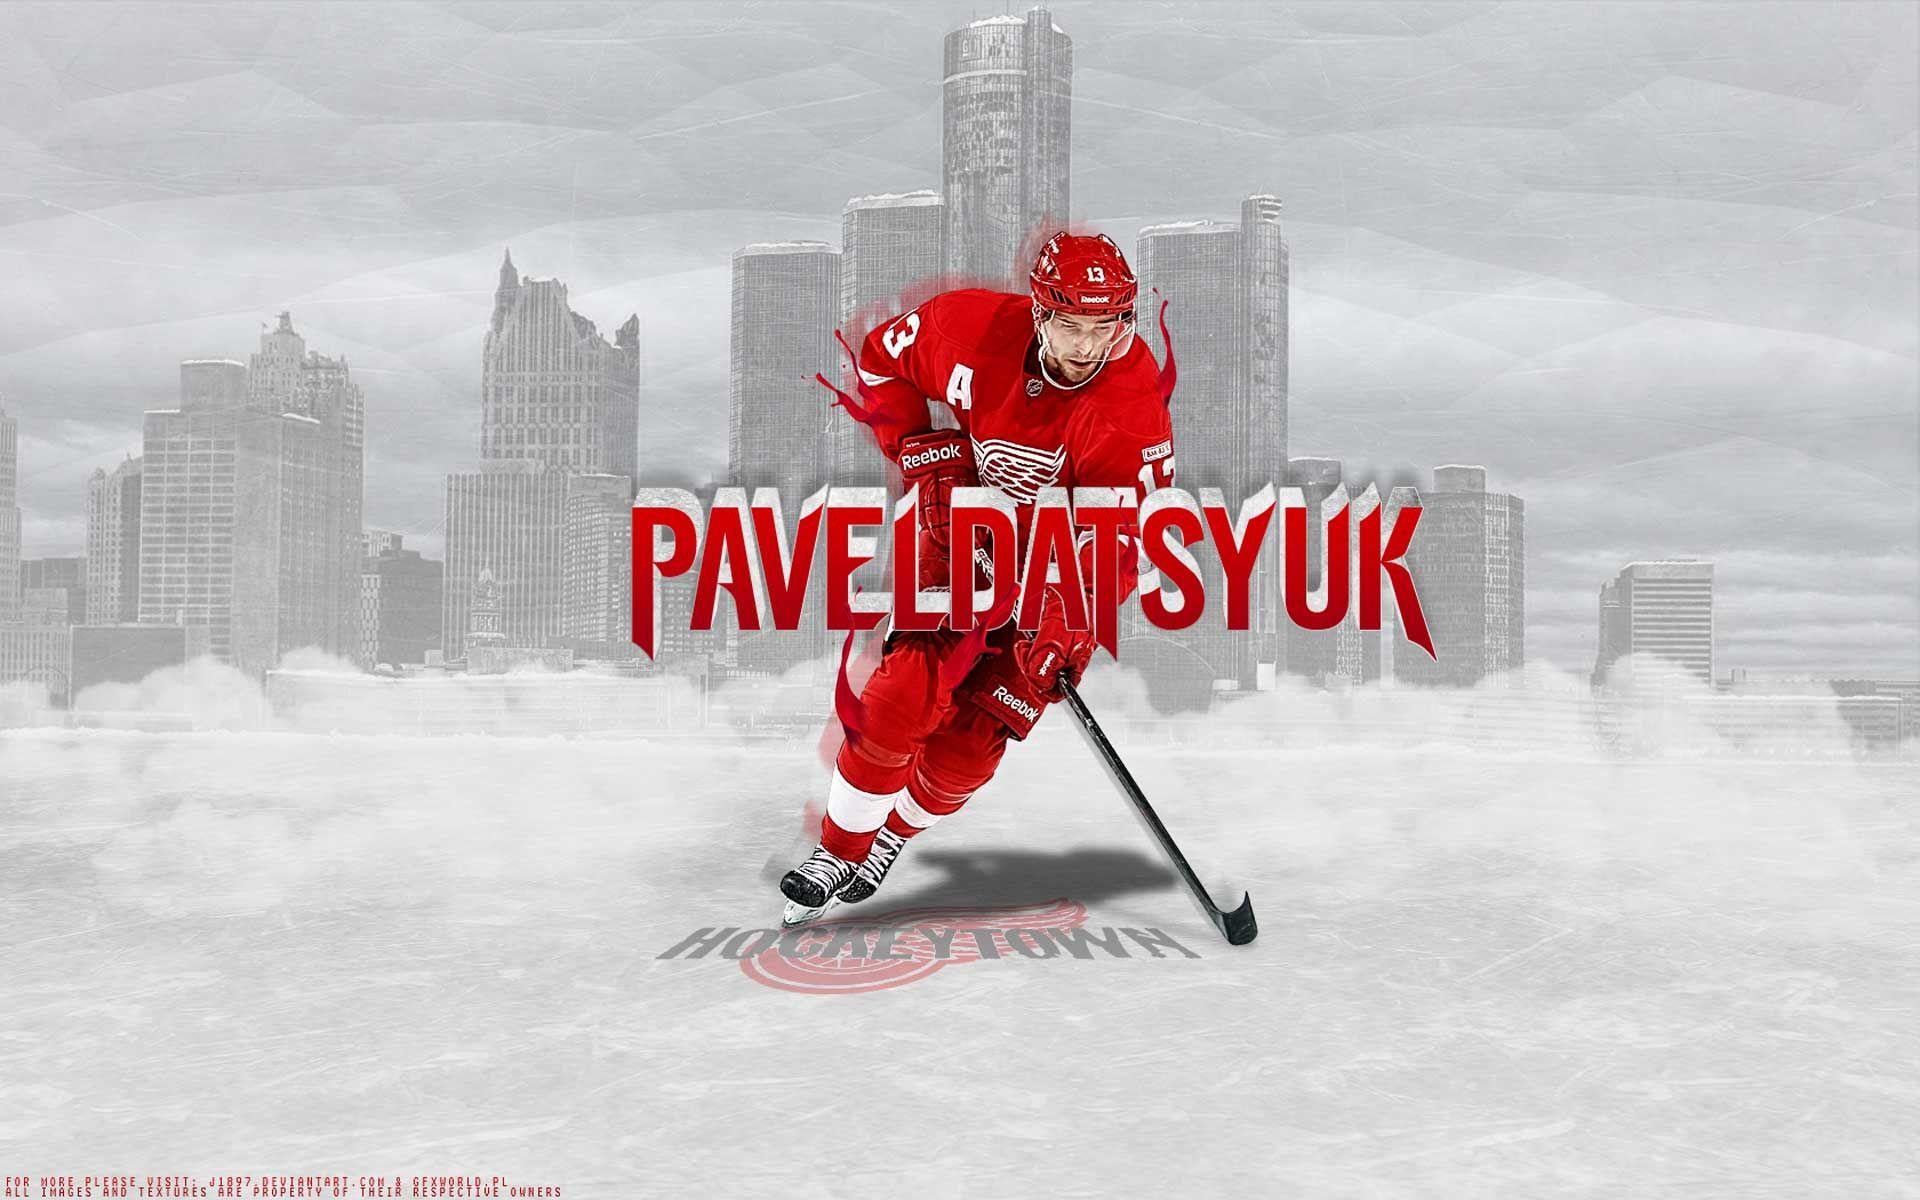 Hockey nhl dat detroit red wings pavel datsyuk wallpaper   (25451)